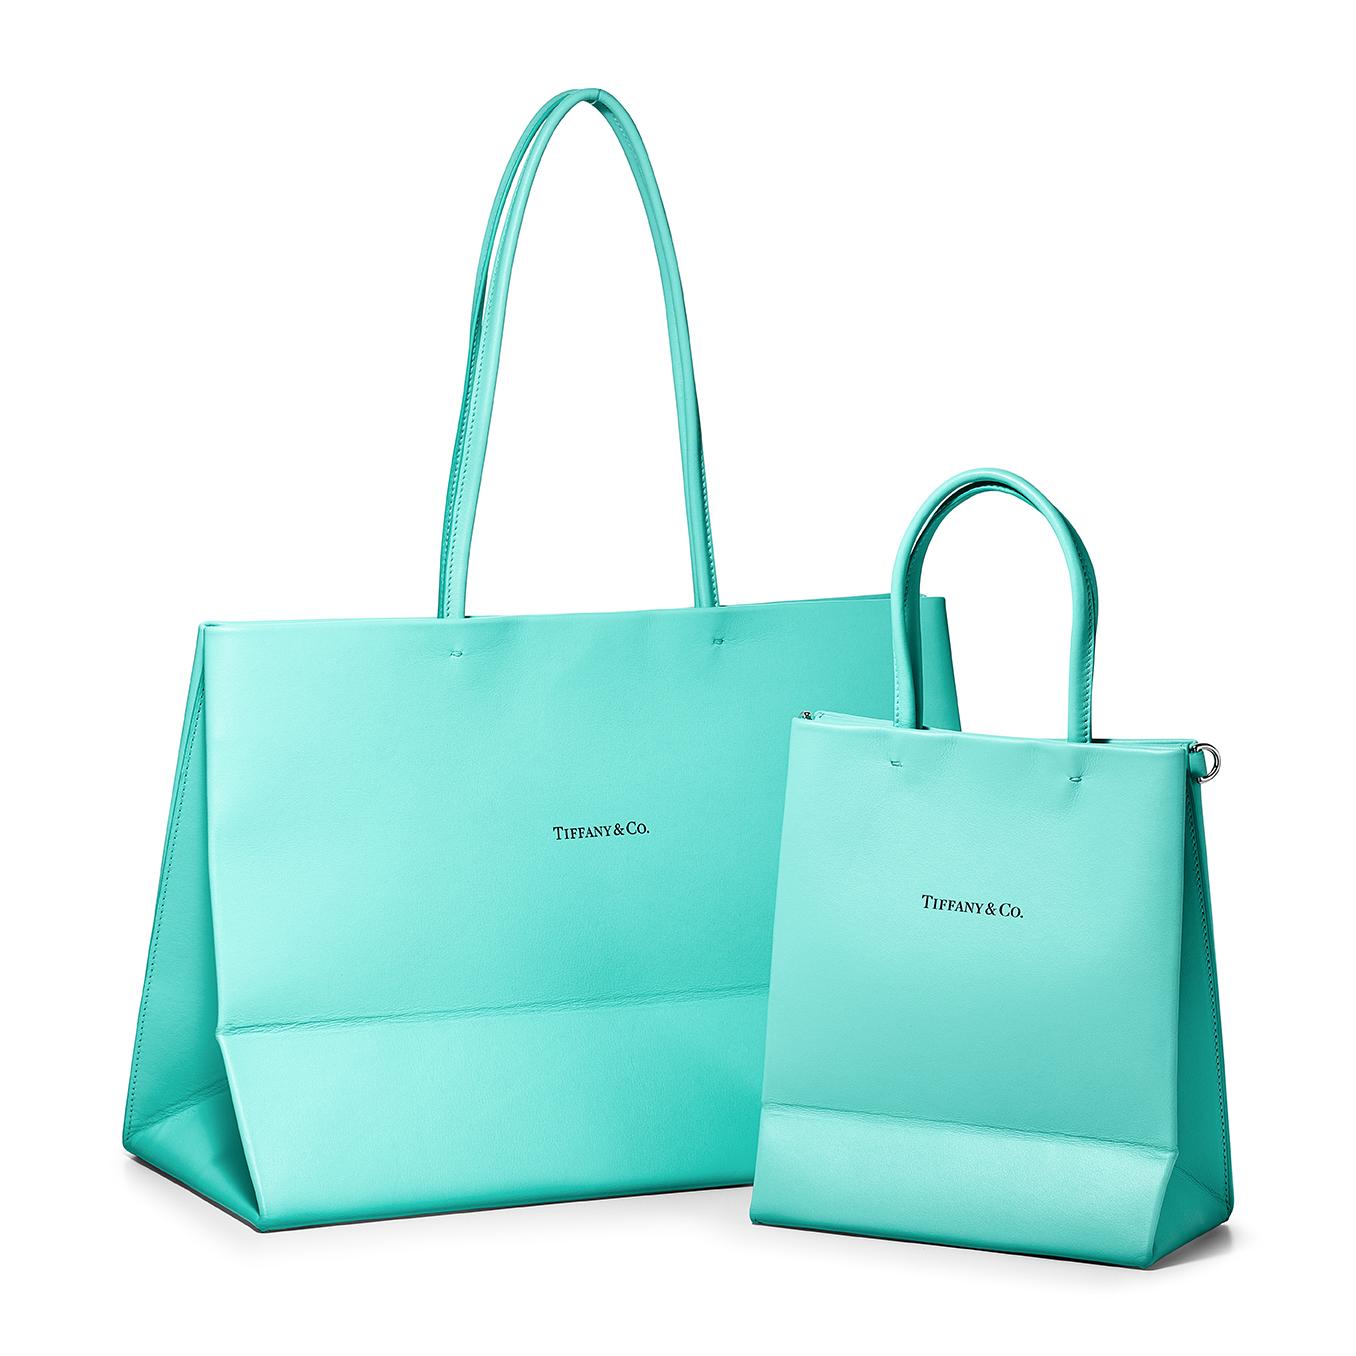 ティファニーのレザーショッピングバッグ ショッピングトートバッグ